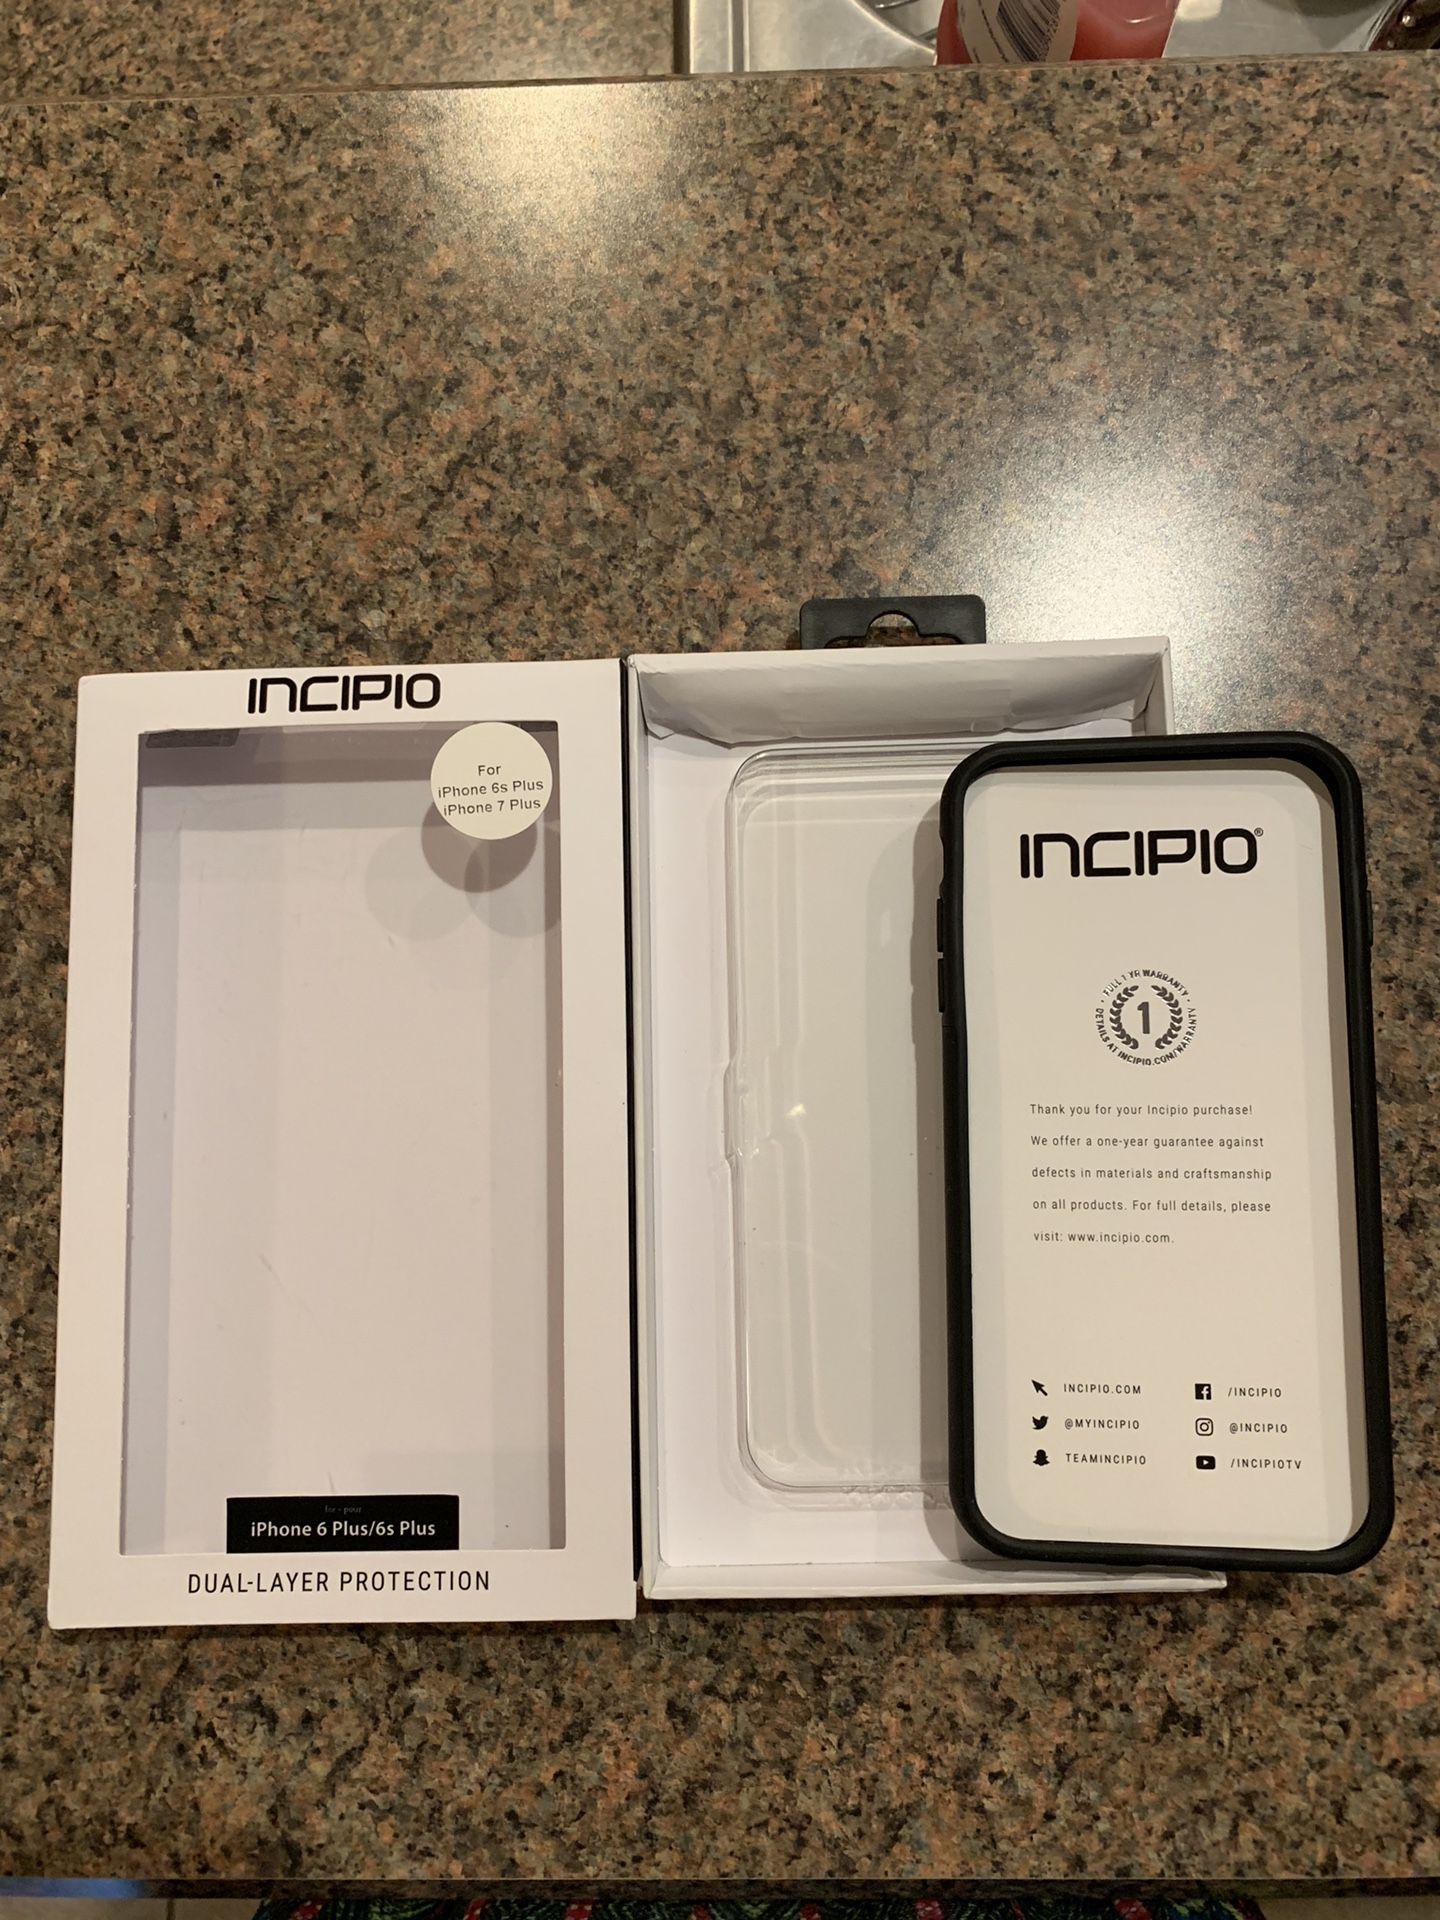 iPhone 6, 7, 8 Plus Black Phone Case